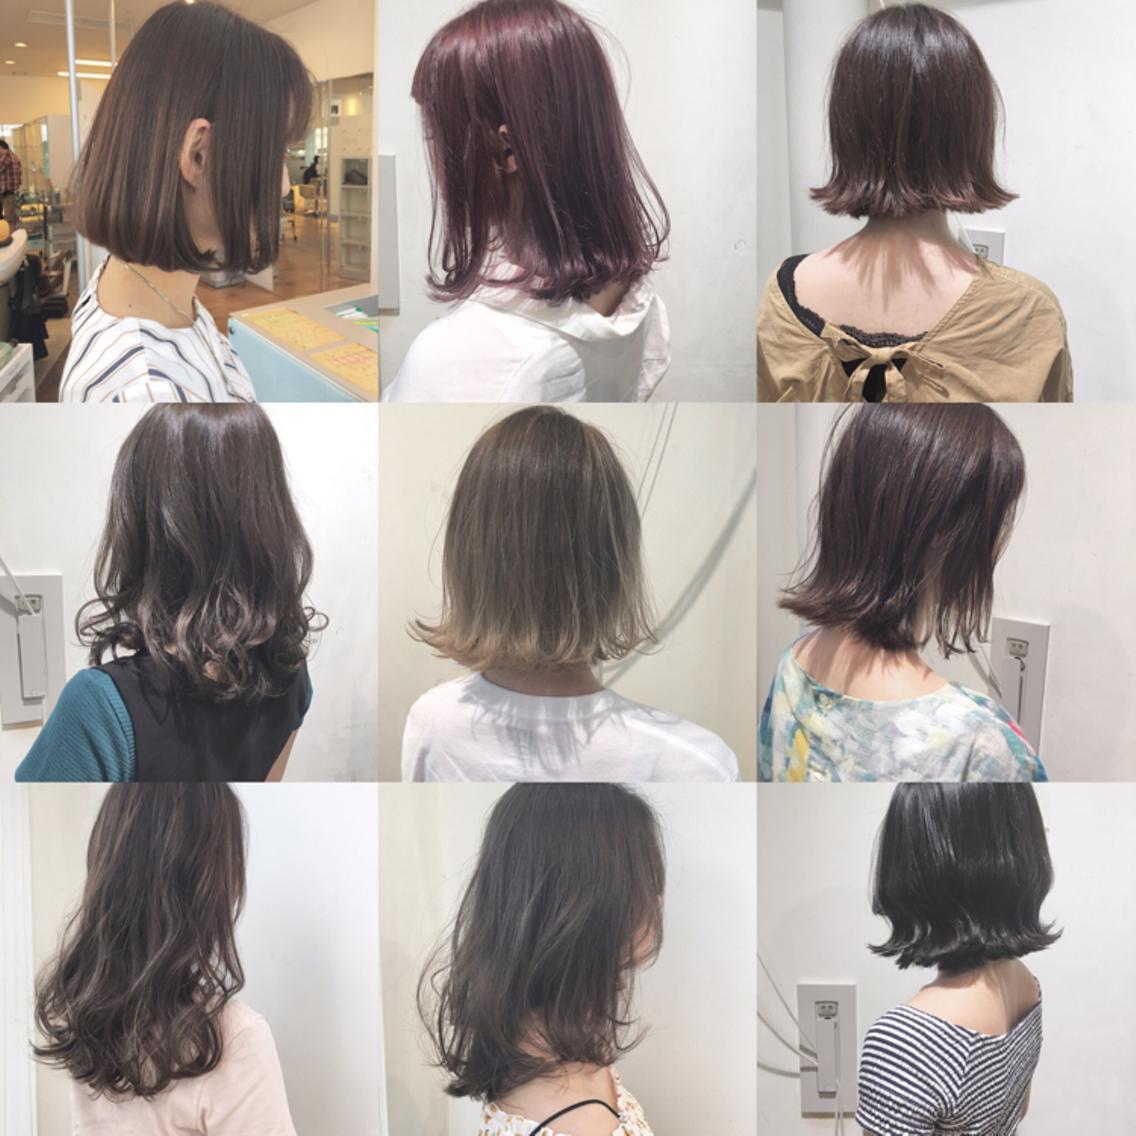 芸能人、業界関係者愛用のサロンの技術が体感出来ます。AZURAは岐阜、名古屋、東京、シンガポール、韓国から世界に美容を発信しているサロンです。